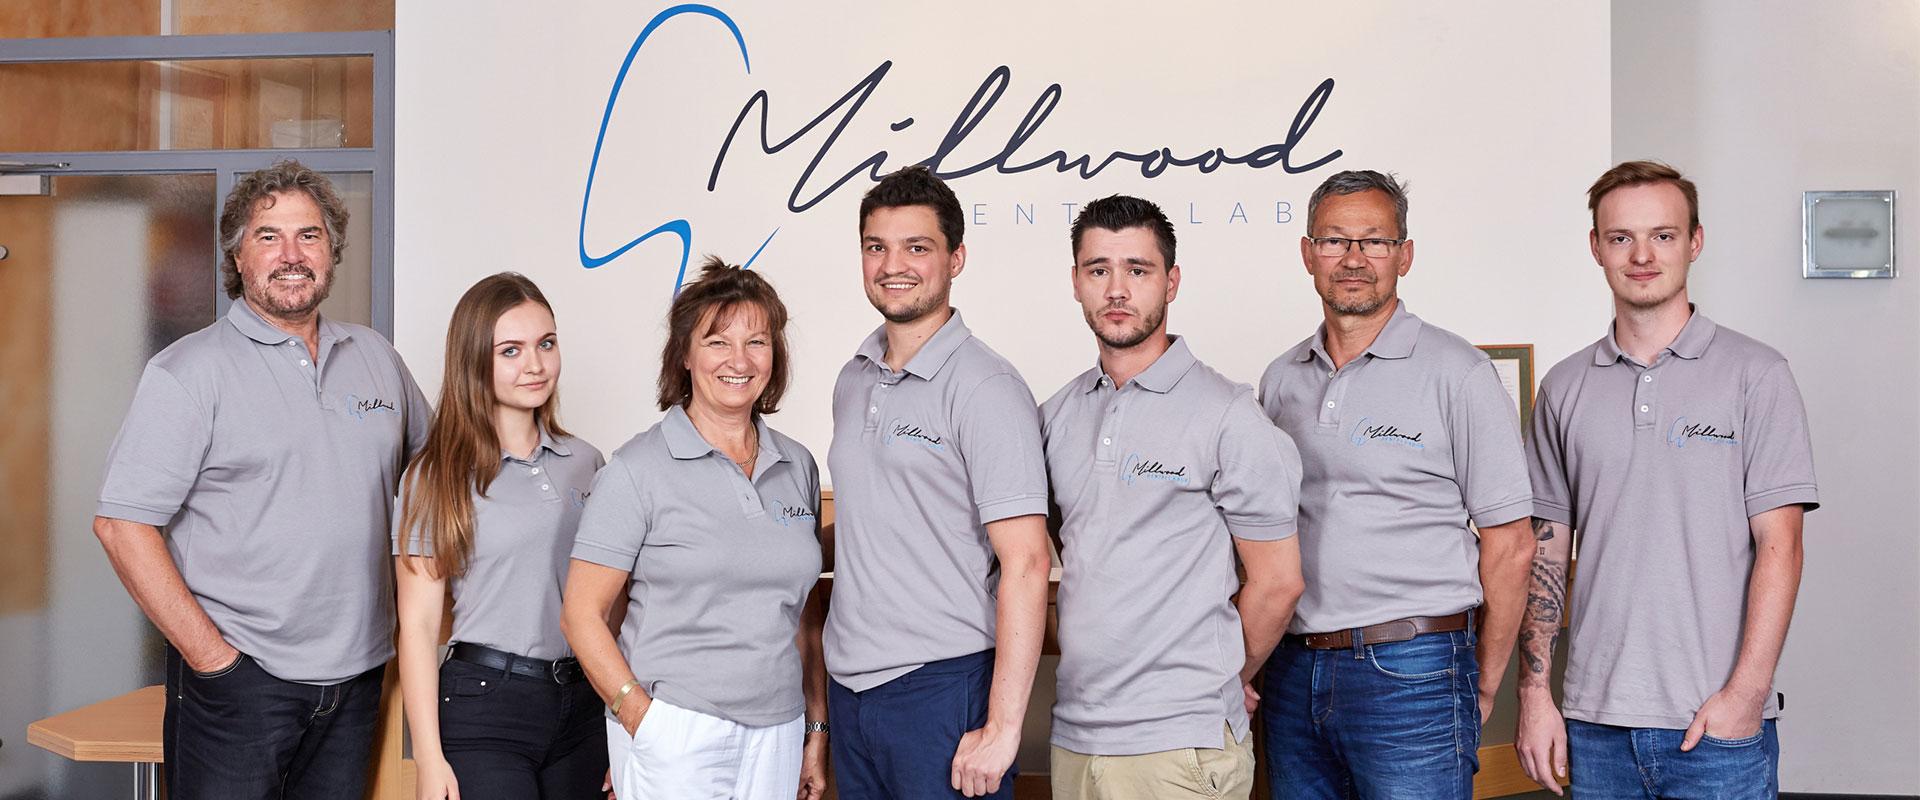 millwood-zahnlabor-willkommen-in-murnau